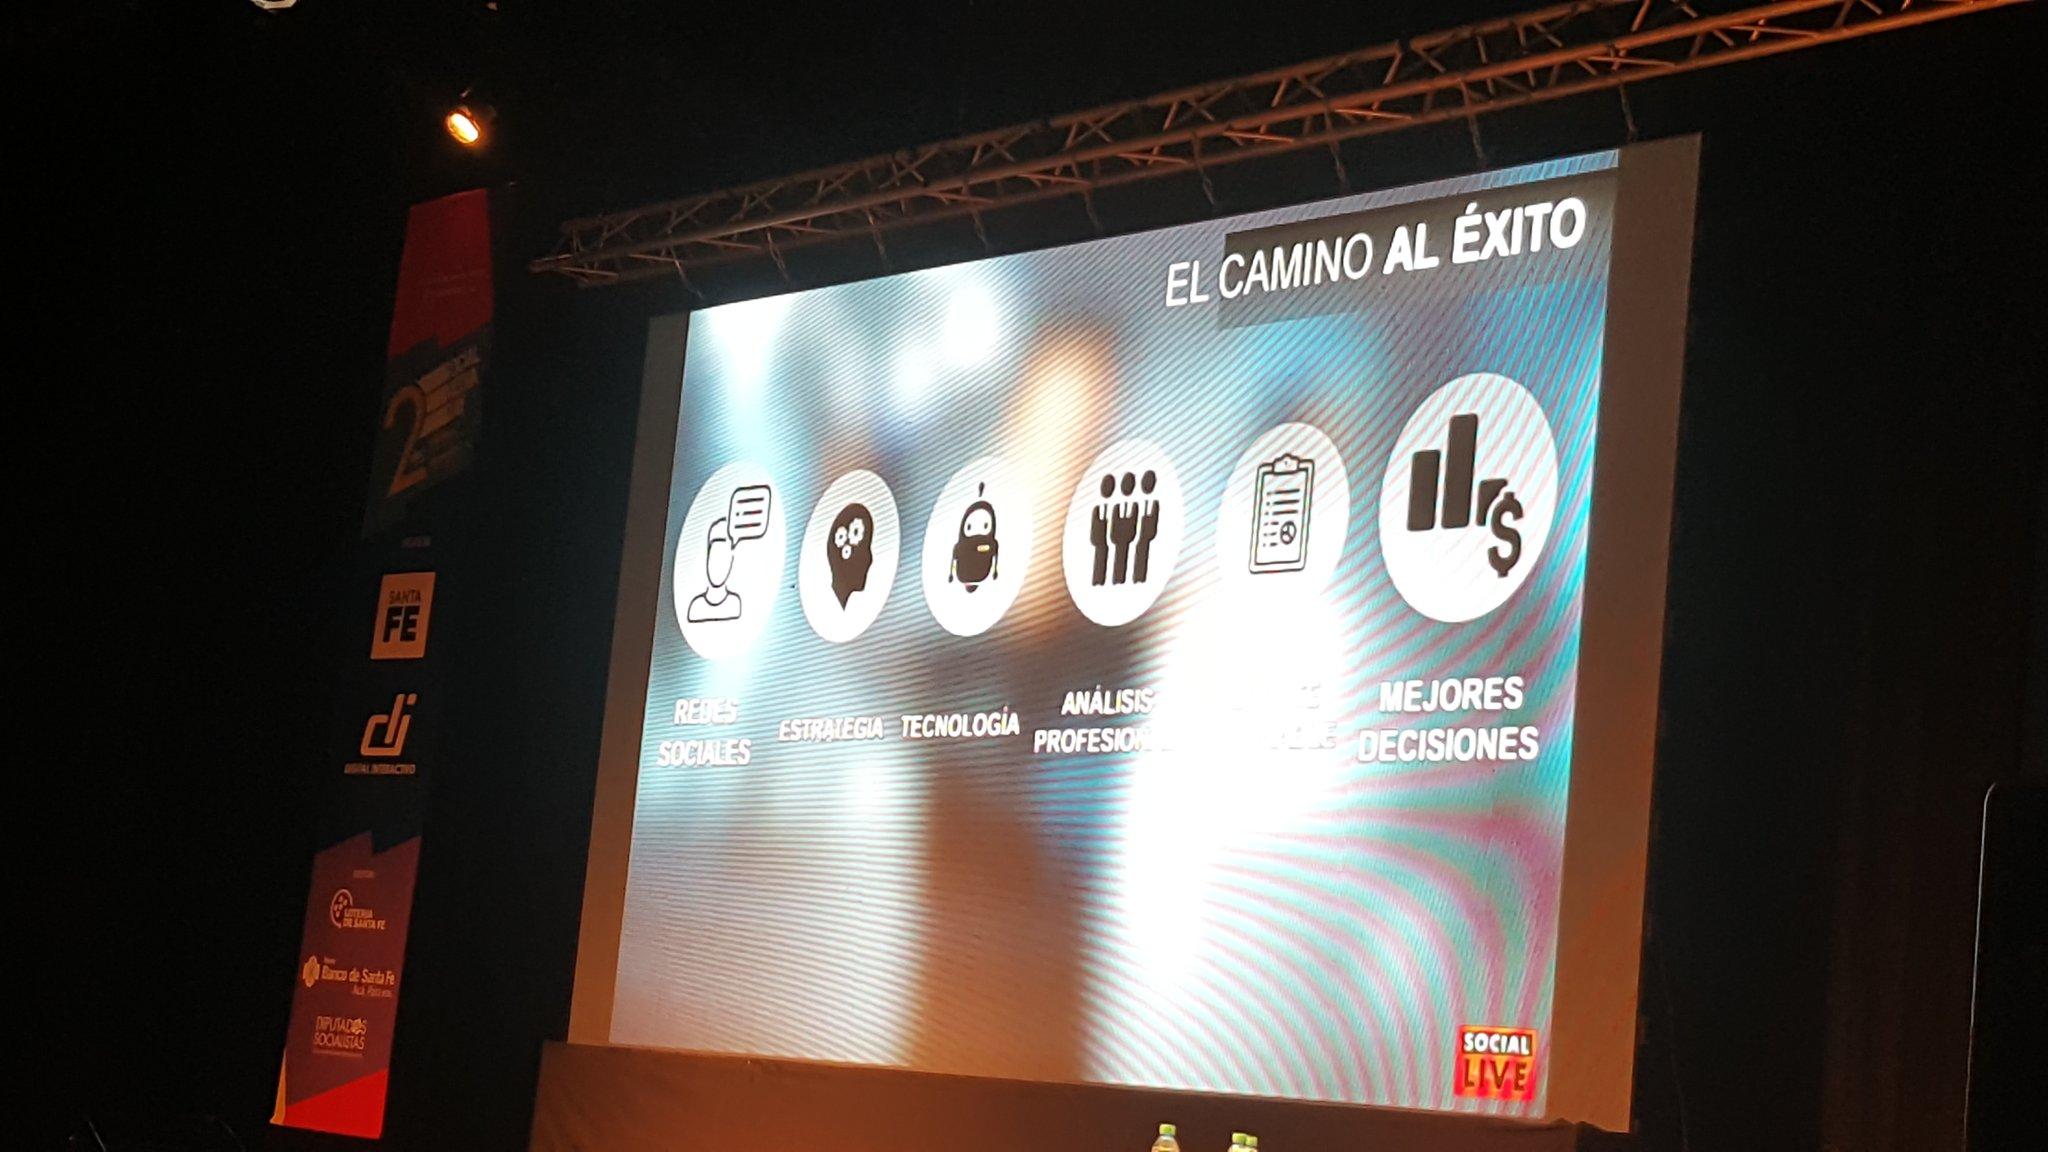 El camino al éxito en el uso de datos en Social Media @Horacio_Cairoli  #SMDayRosario https://t.co/sWlViYKcFg